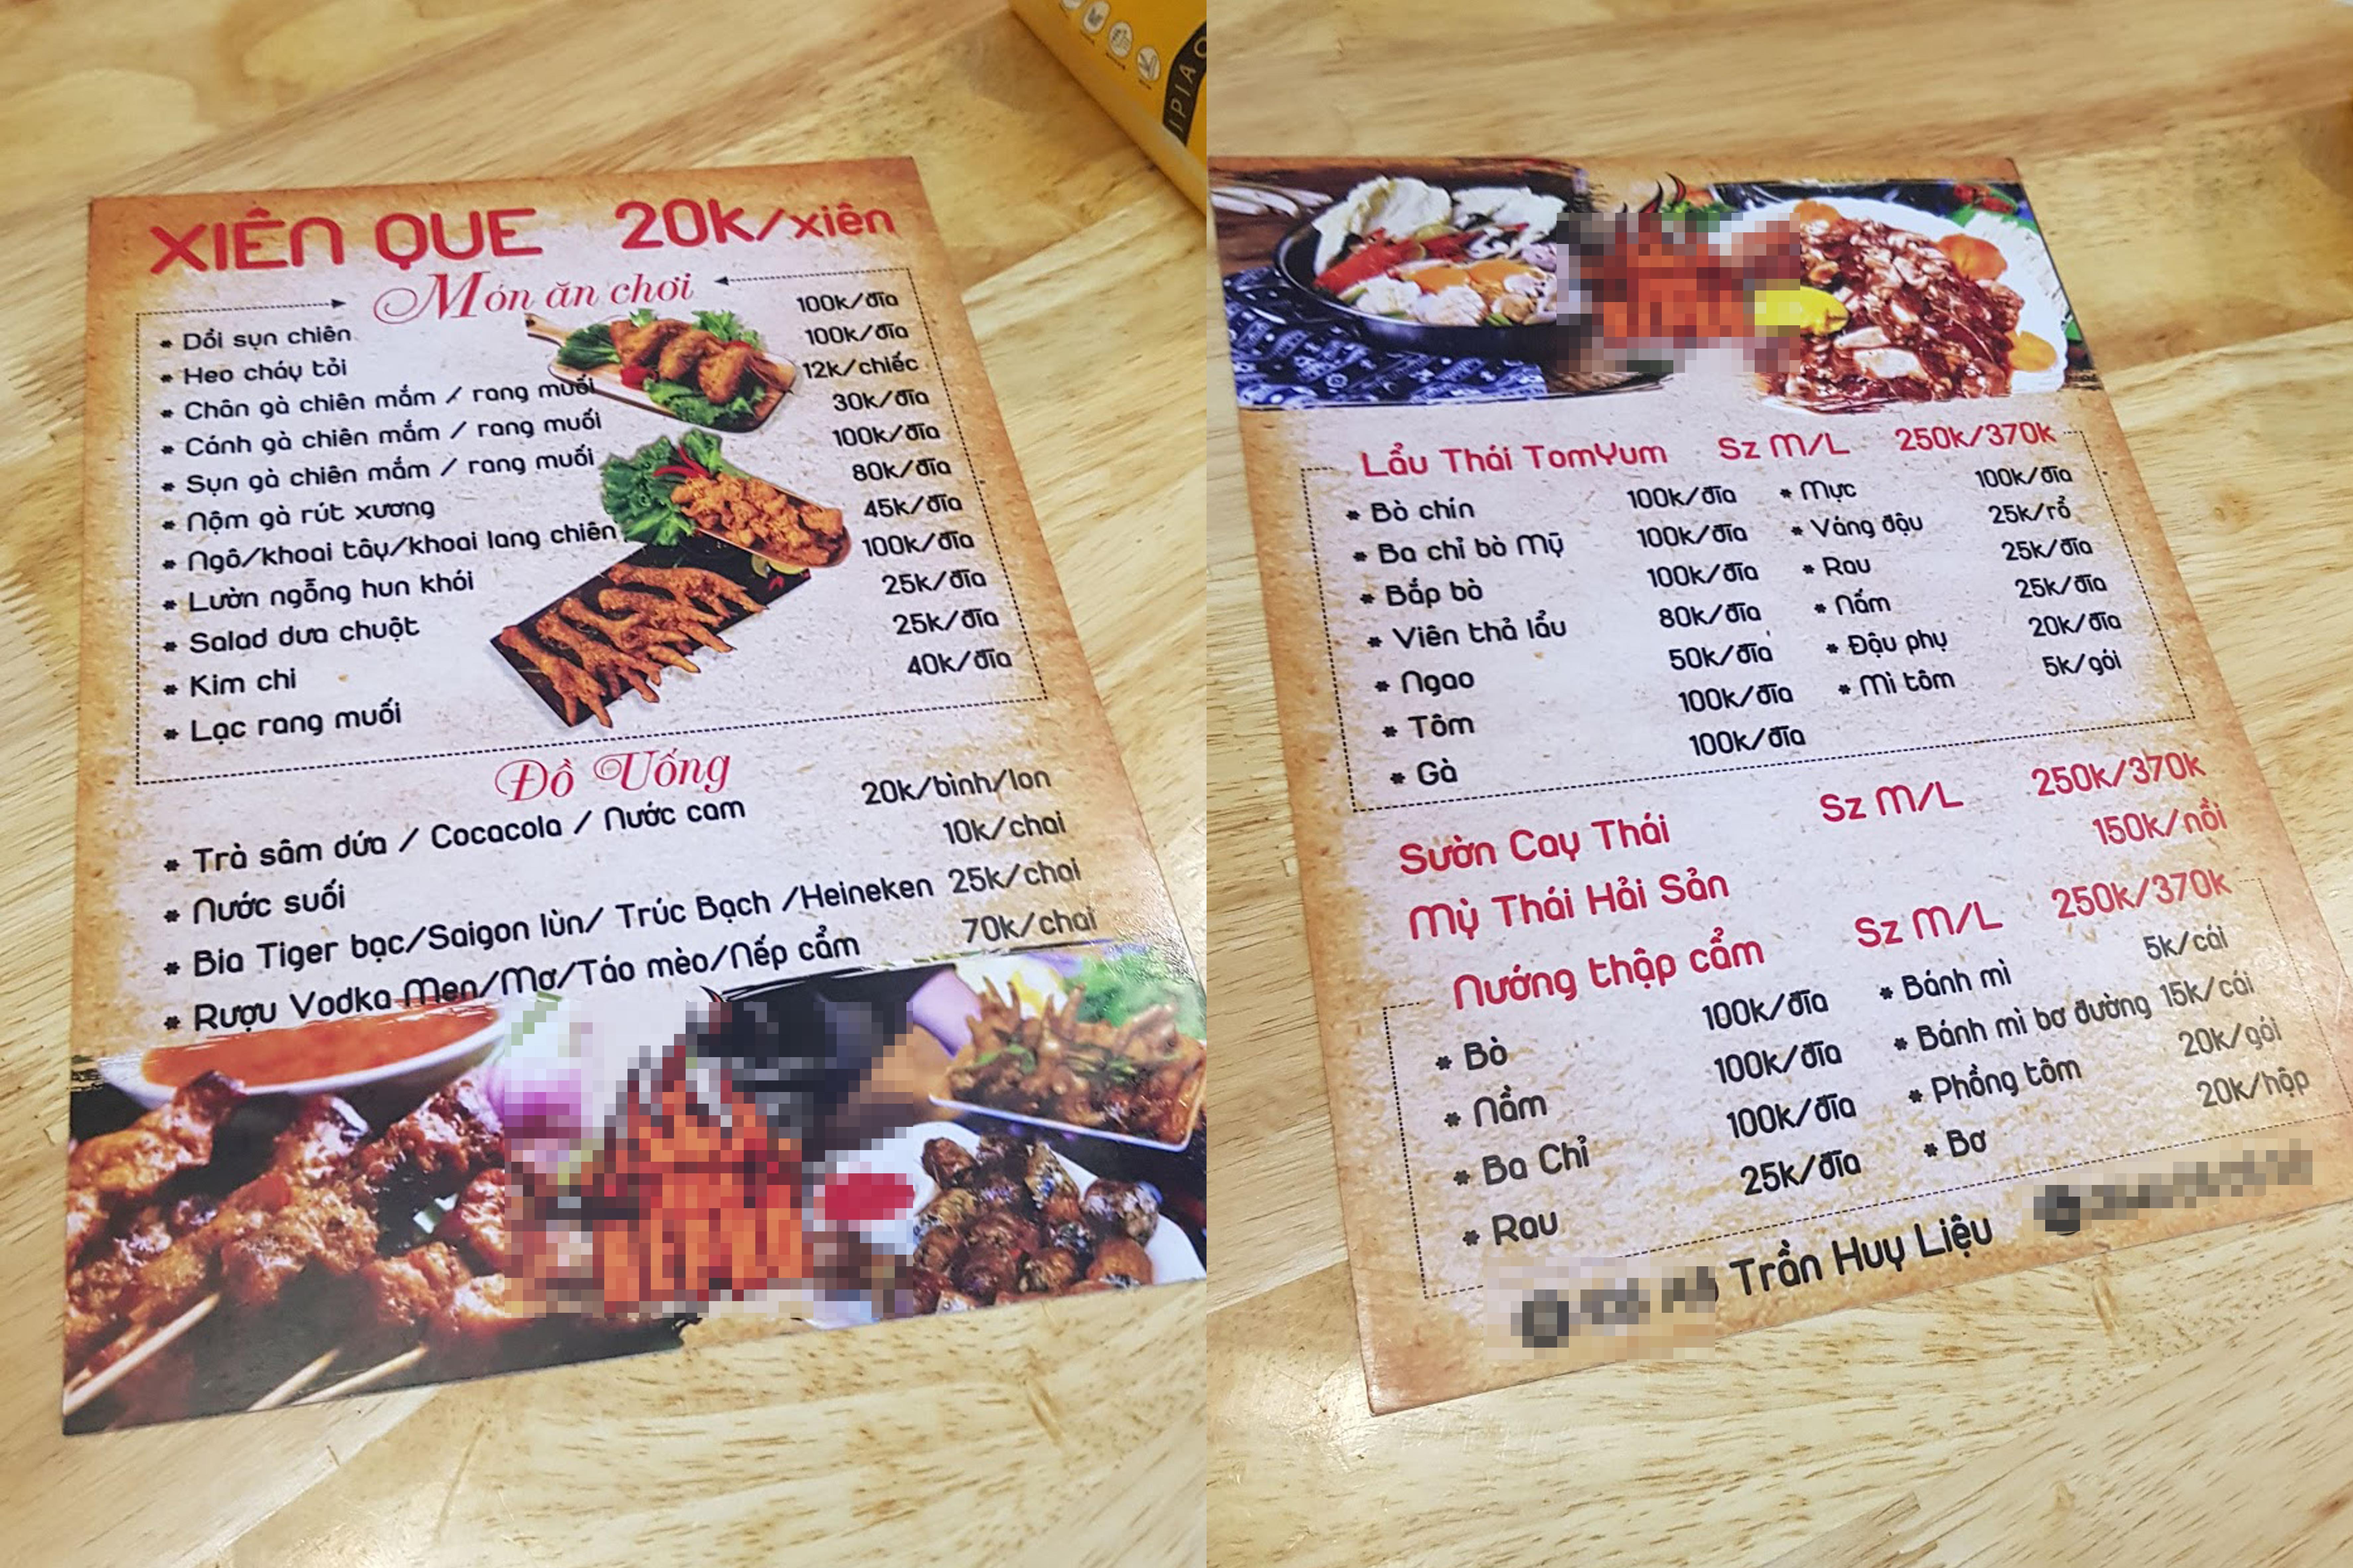 """Dân mạng chê quán ăn tại Hà Nội có món sườn cay khổng lồ phong cách Thái Lan """"đượm mùi tủ lạnh"""", vậy còn thực tế ra sao, liệu có như lời đồn? - Ảnh 4."""